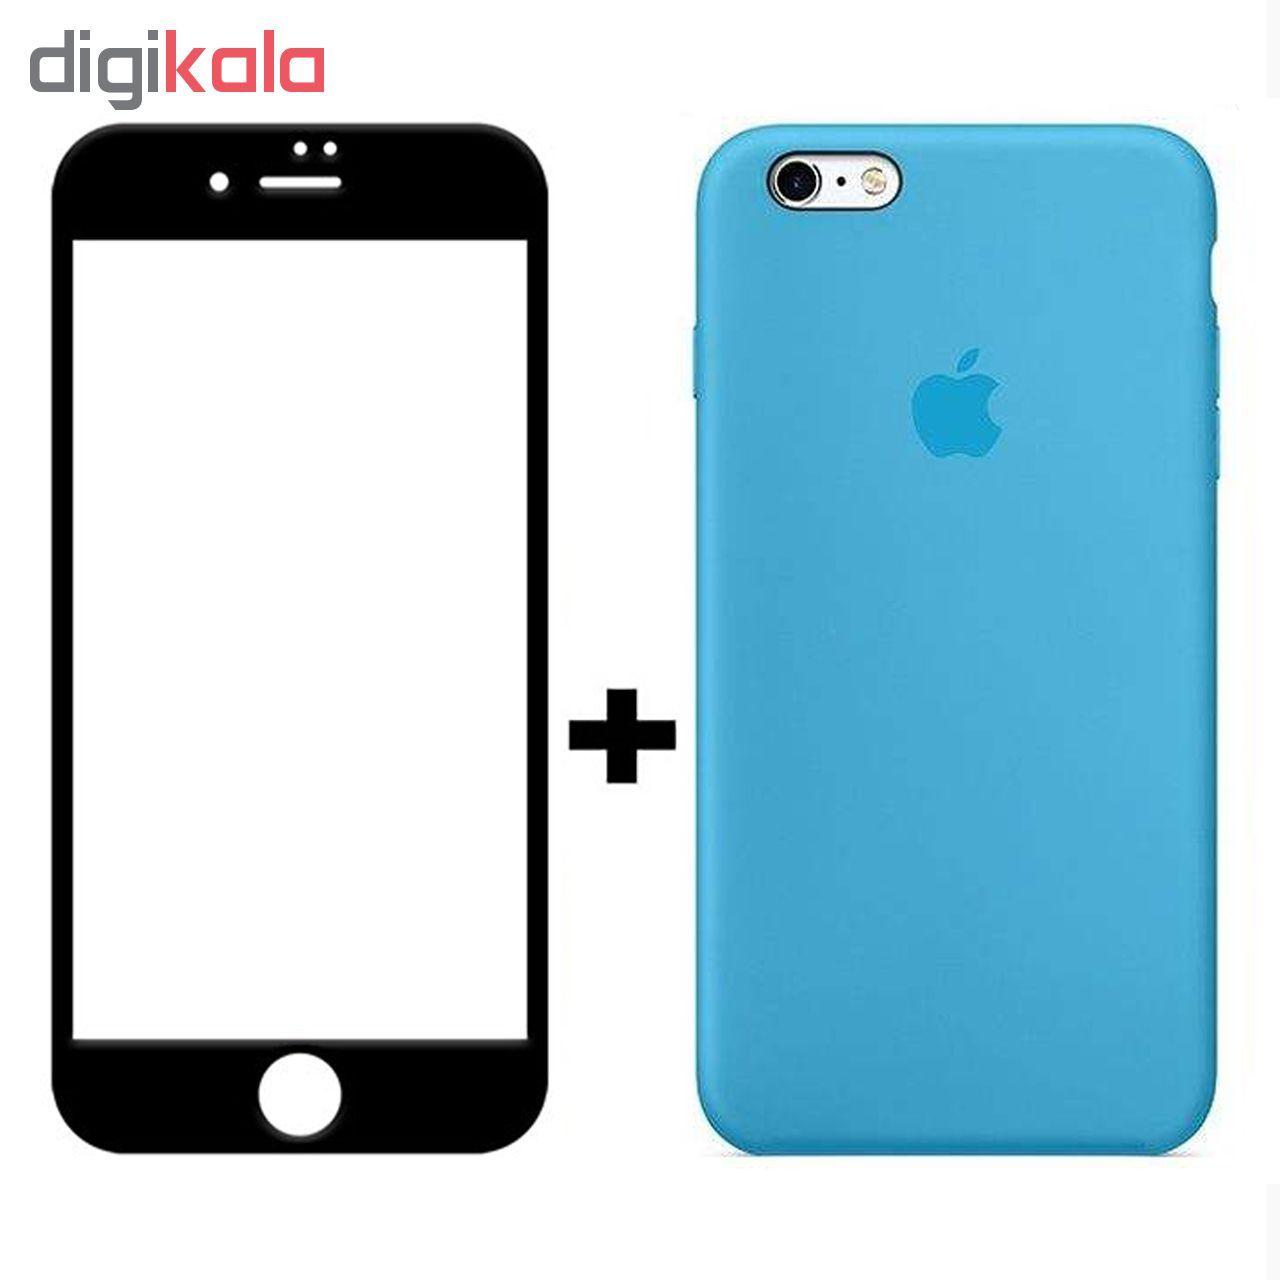 کاور سیلیکونی مدل SlC مناسب برای گوشی موبایل اپل آیفون 6/6s  به همراه محافظ صفحه نمایش 5D main 1 1